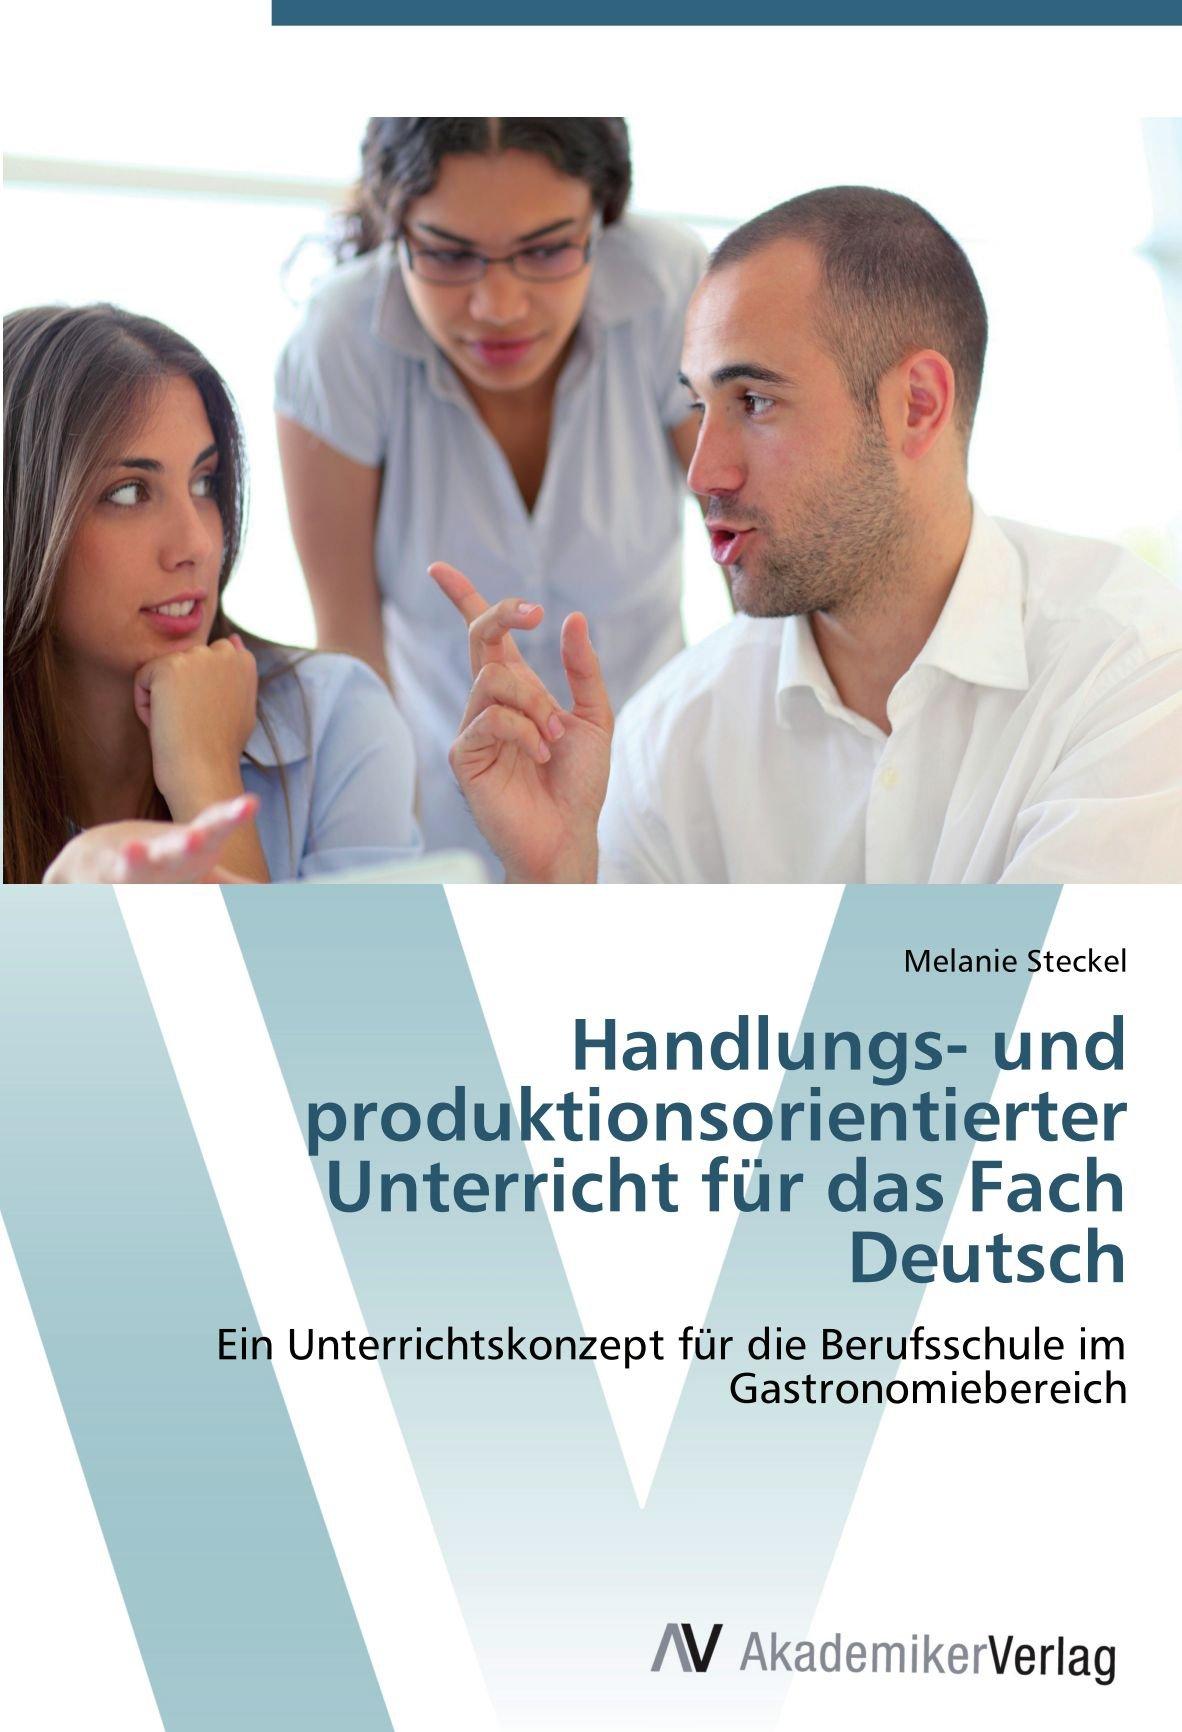 Download Handlungs- und produktionsorientierter Unterricht für das Fach Deutsch: Ein Unterrichtskonzept für die Berufsschule im Gastronomiebereich (German Edition) PDF